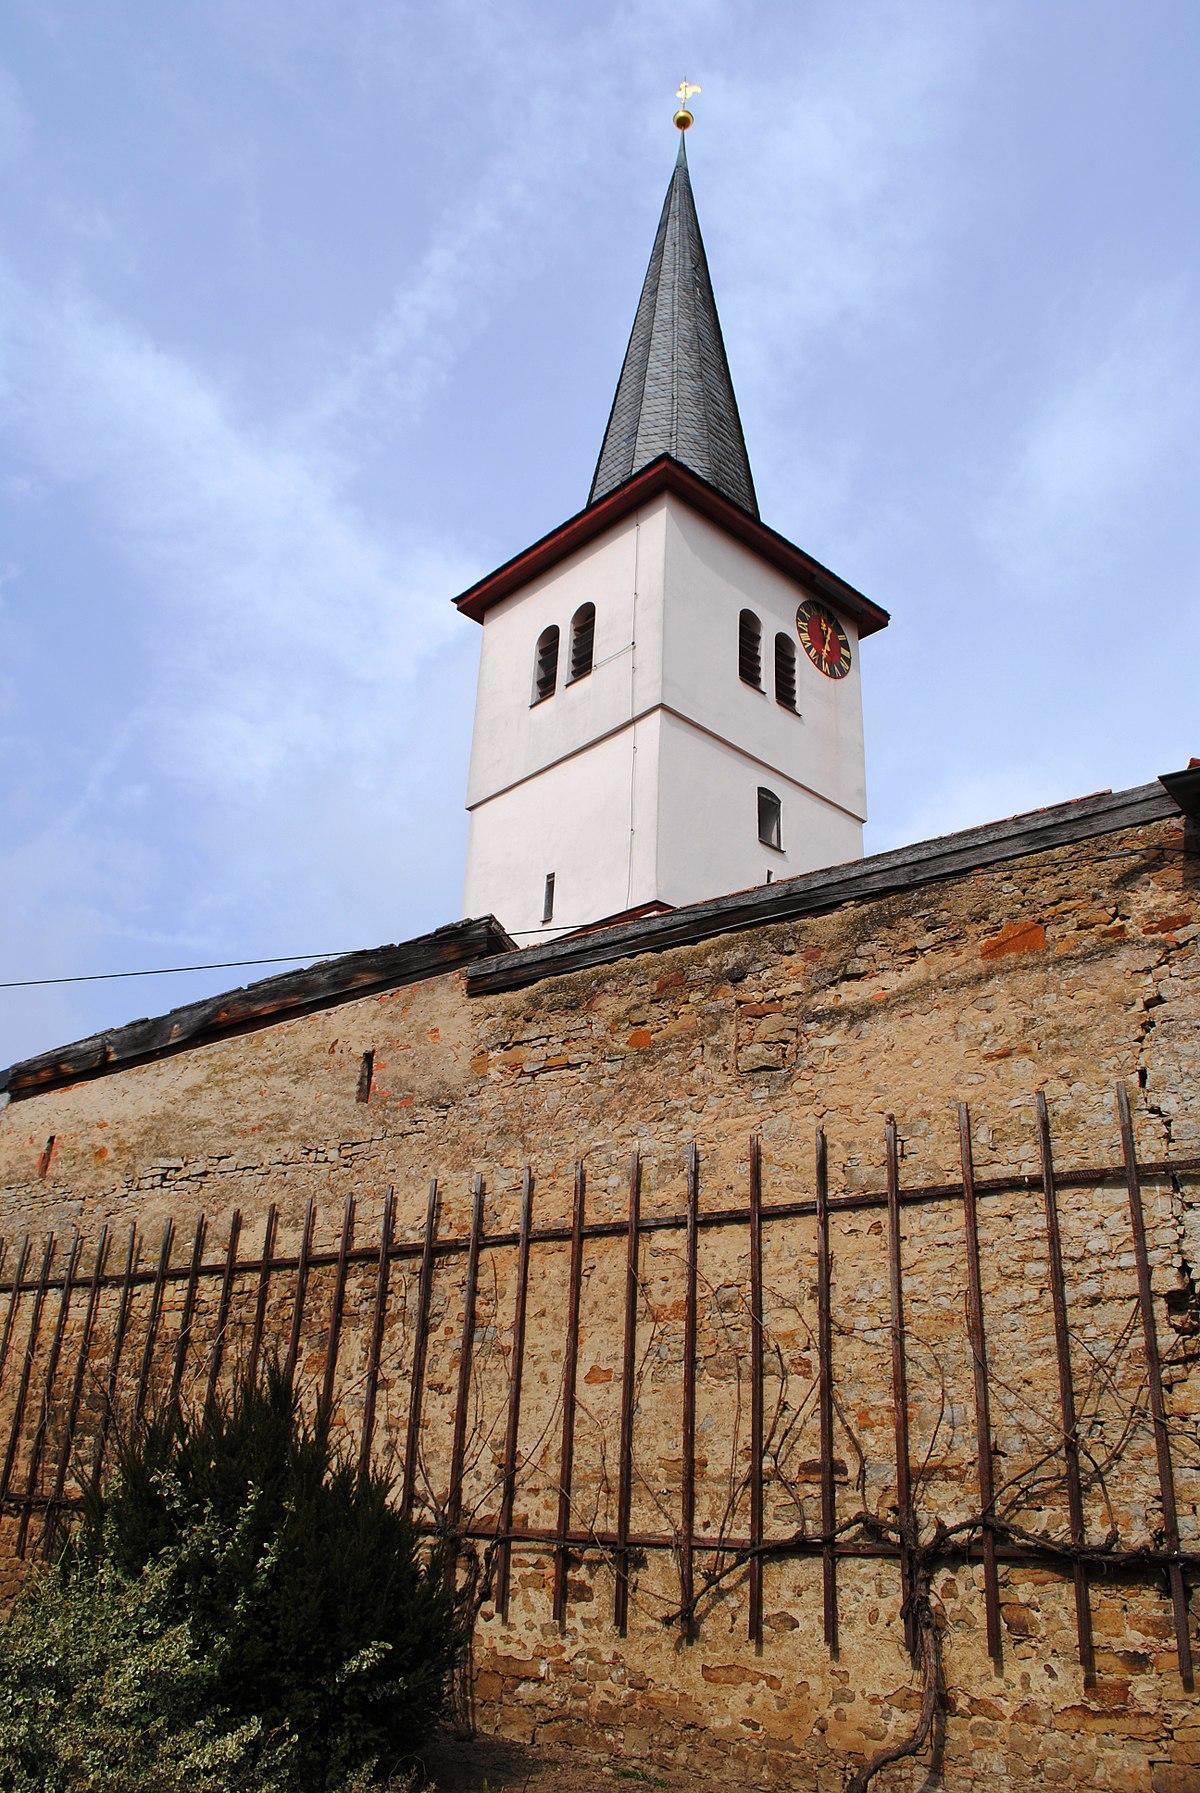 Eichfeld